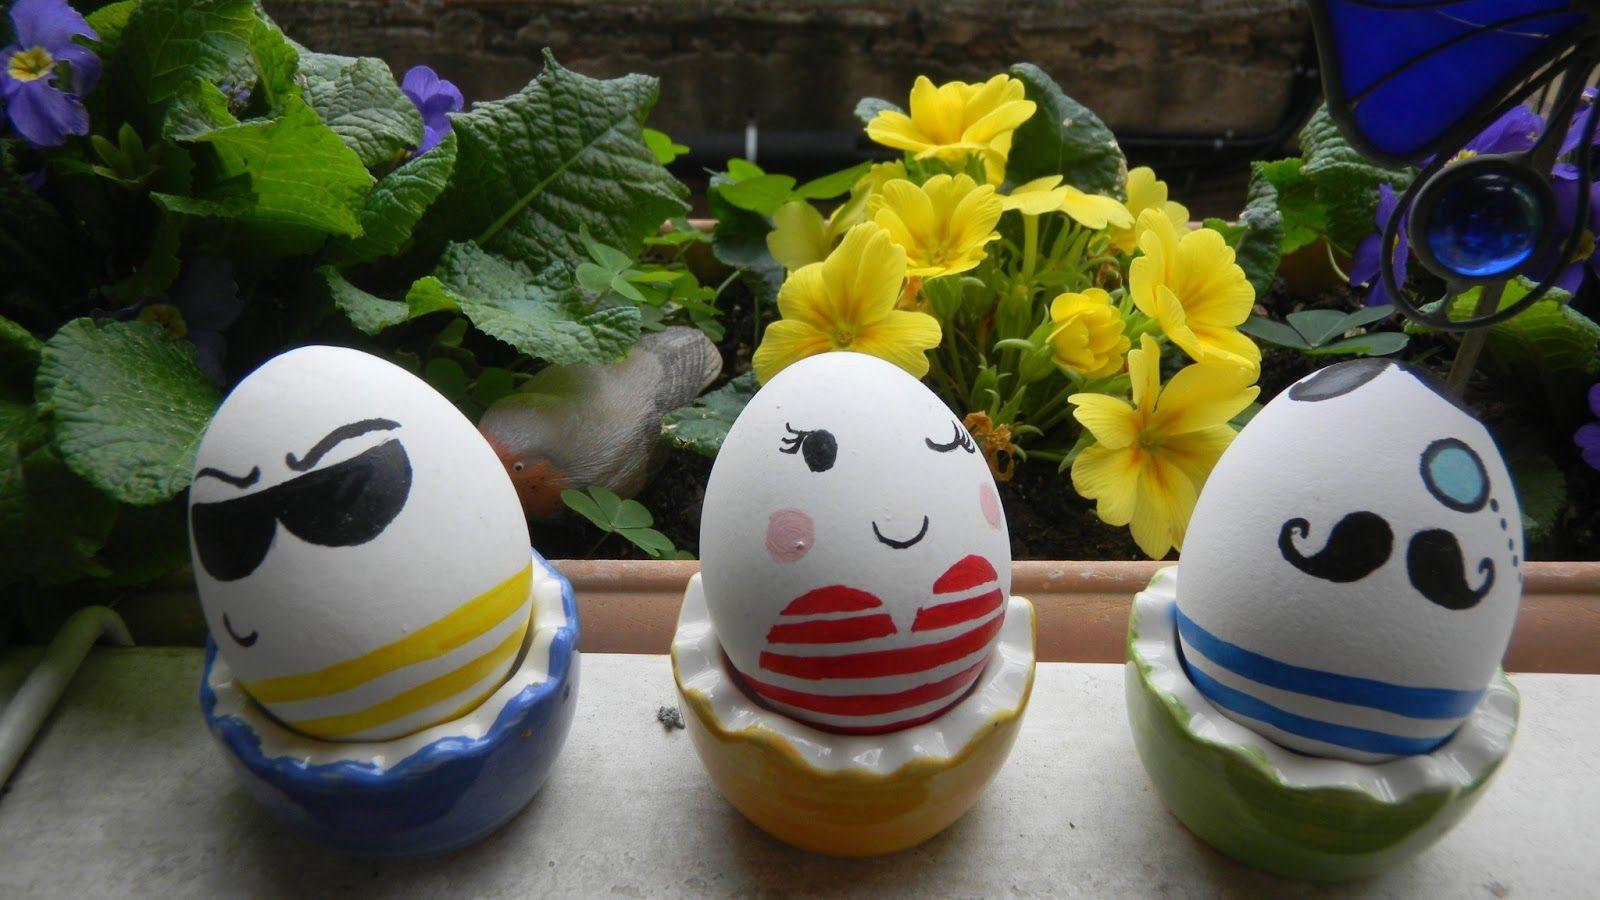 huevos de pascua decorados - Resultados de la búsqueda Yahoo Search